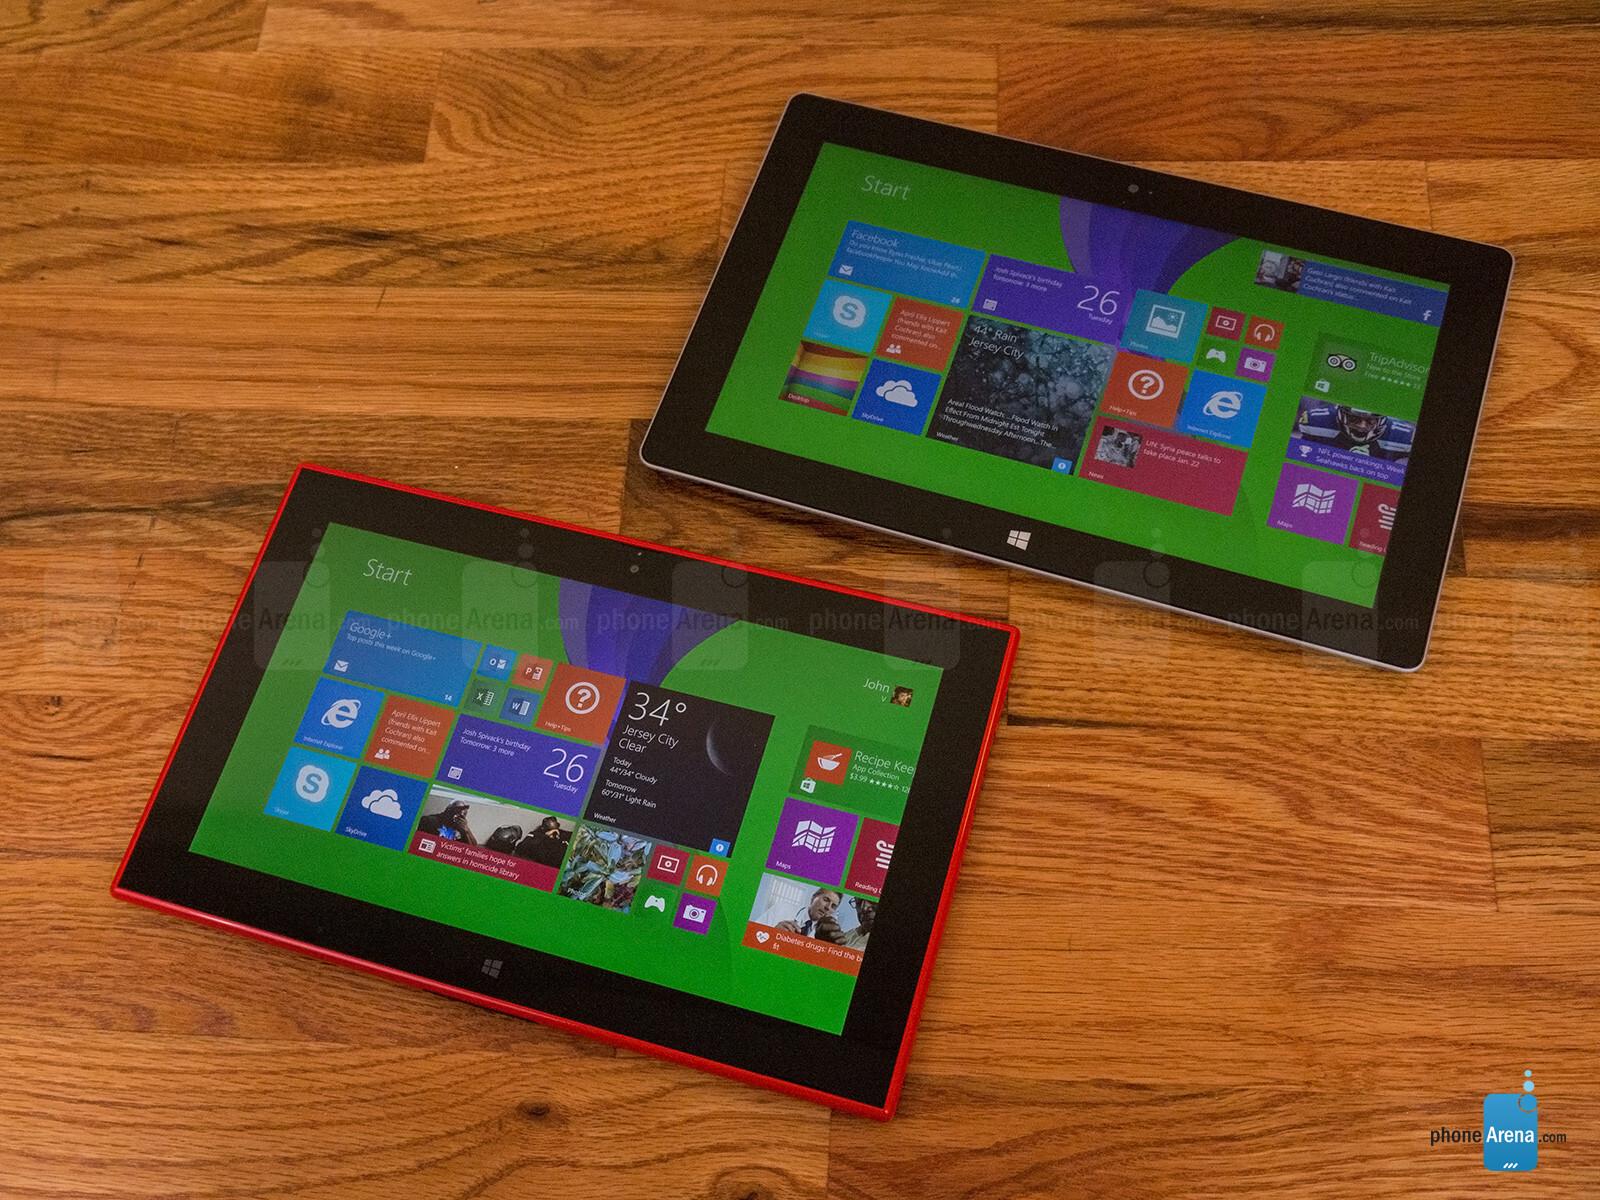 Nokia lumia 2520 vs surface pro 3